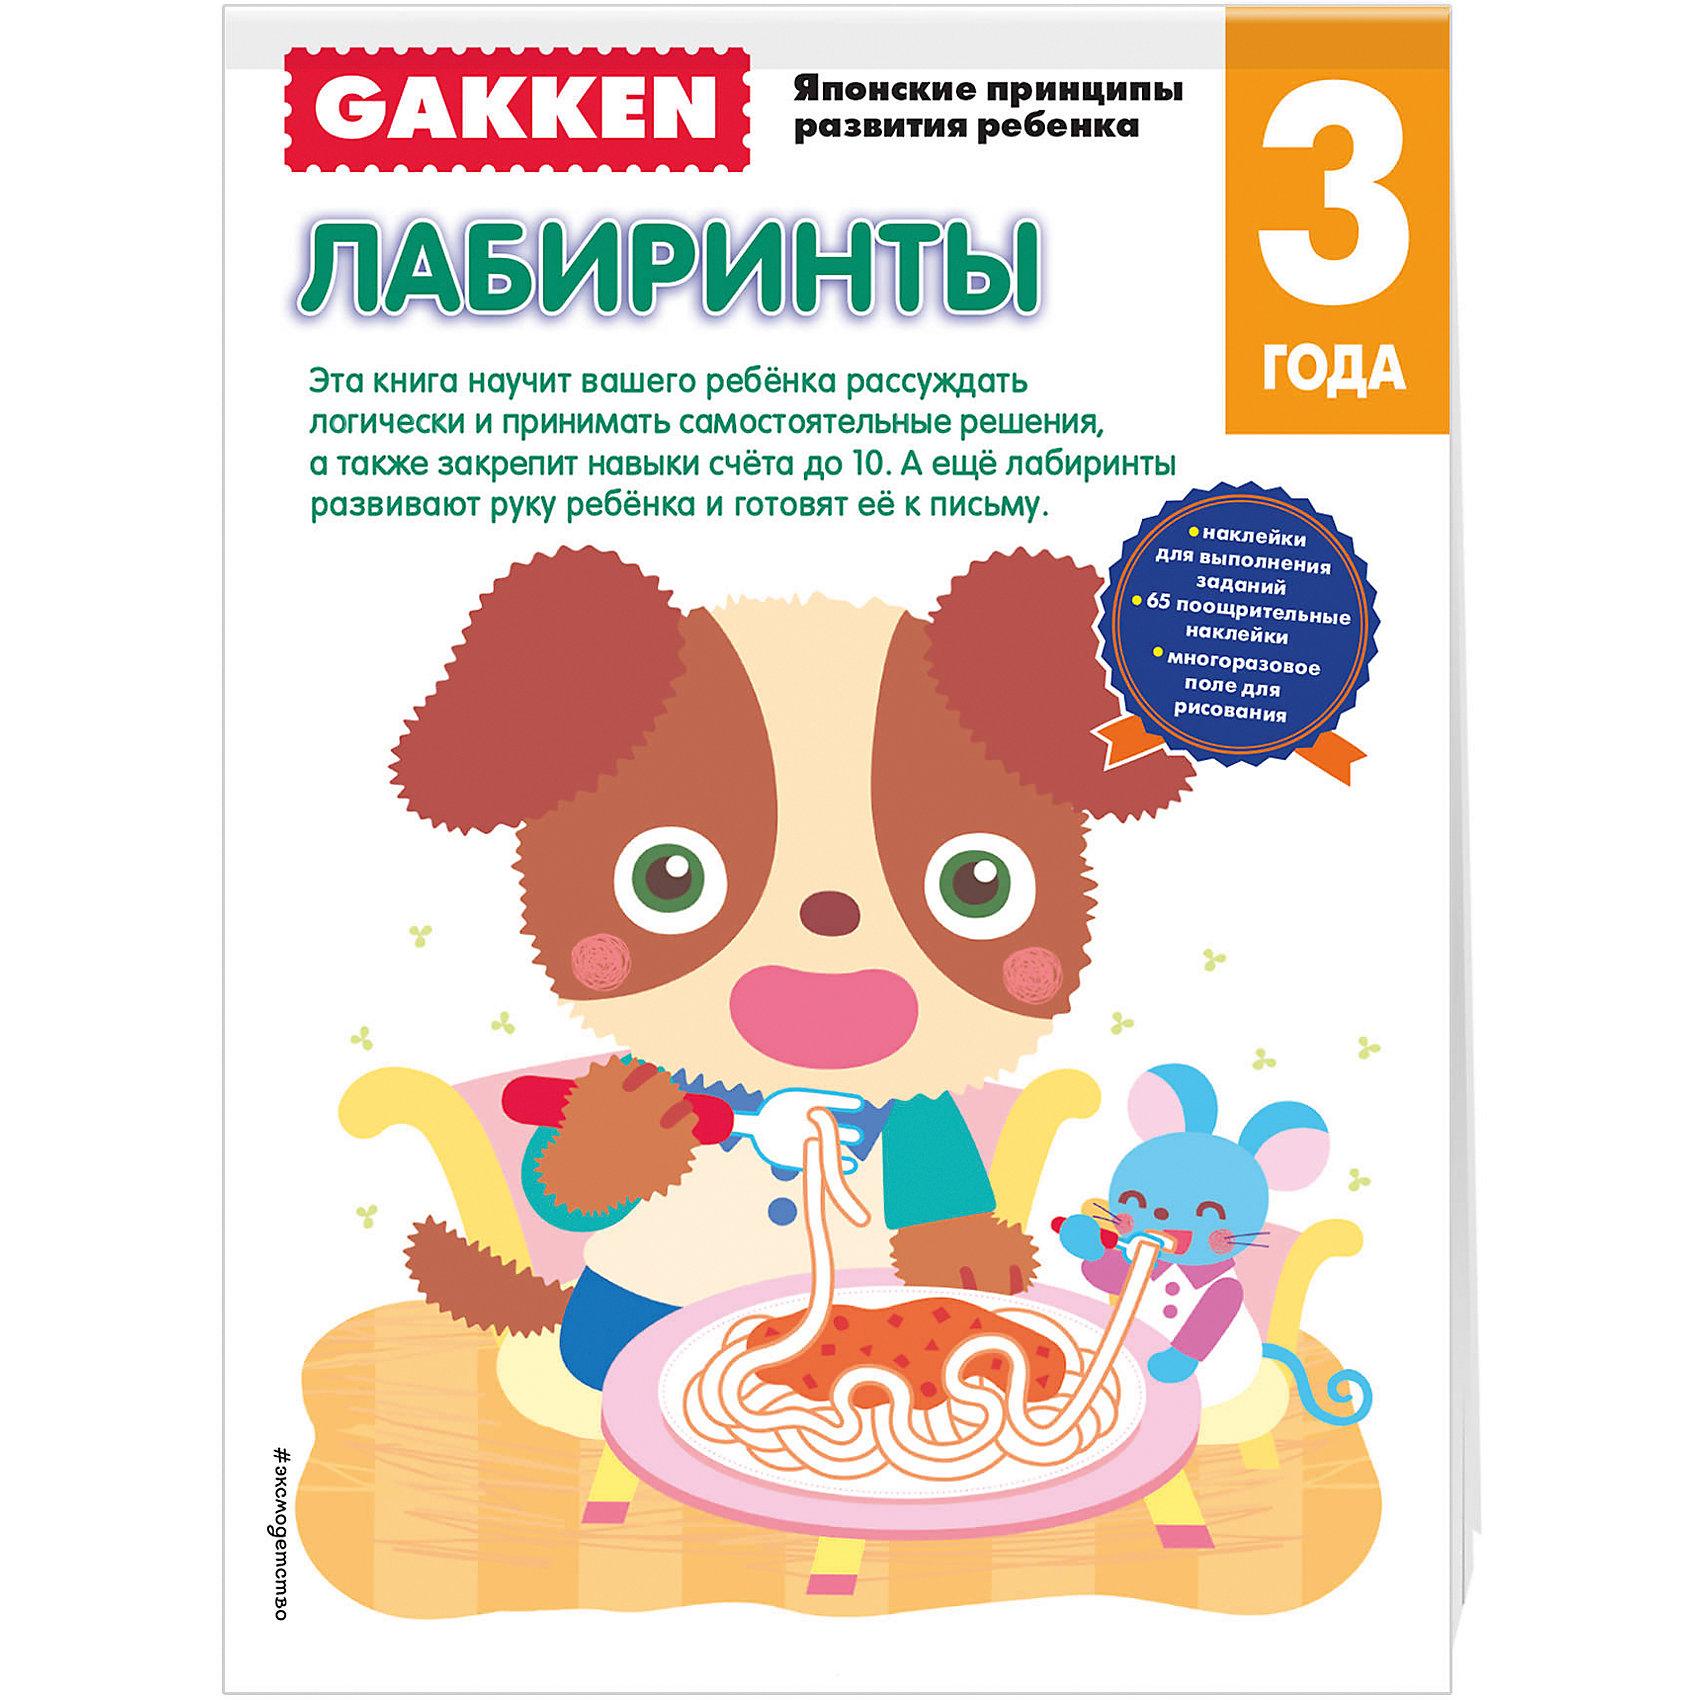 Развивающая книга Лабиринты (3+) GAKKENРазвивающая книга Лабиринты (3+) – это красочная книга с увлекательными развивающими заданиями.<br>Книга Лабиринты (3+), серии Японские принципы развития ребенка, научит вашего малыша: рассуждать логически и прогнозировать, что может случиться вследствие принятия разных решений; принимать решения, как лучше обойти возникающие препятствия; сосредотачиваться на решении задачи и доводить начатое до конца; рисовать разные виды линий; а также закрепит навыки счета до 10. А ещё лабиринты, как никакая другая деятельность, готовят руку малыша к письму и формируют хороший почерк. В основу книги легли методические разработки профессора психологии Акиры Таго, широко известного в Японии специалиста по развитию интеллектуальных способностей, в том числе и у детей. Это методика, которой можно доверять! Уже 30 лет она успешно применяется в детских садах Японии. Благодаря особенностям подачи материала развитие ребенка идет сразу в двух направлениях: обучение необходимым навыкам и психологическое формирование успешной личности. Обучение по-японски — это увлекательный путь к способности принимать самостоятельные решения и творчески осмысливать поставленные задачи. Главный принцип методики – это система «микро-шагов», когда каждый последующий шаг чуть сложнее предыдущего. Благодаря этому ребенок не боится выполнять задания, его уверенность в своих силах возрастает. В основании методики — неразрывная связь между развитием руки и интеллектуальных способностей малыша, именно поэтому особое внимание уделяется тому, чтобы научить ребёнка пользоваться письменными принадлежностями.<br><br>Дополнительная информация:<br><br>- В книге вы найдете: наклейки для выполнения заданий, 65 поощрительных наклеек, многоразовое поле для рисования<br>- Художники: Такаока Мидори, Сакамото Мицуи, Симая Хисаё<br>- Переводчик: Доронина Елена<br>- Редактор: Саломатина Е. И.<br>- Издательство: Эксмо-Пресс, 2015 г.<br>- Серия: Gakken. Японские принципы развития ребенка<br>- 